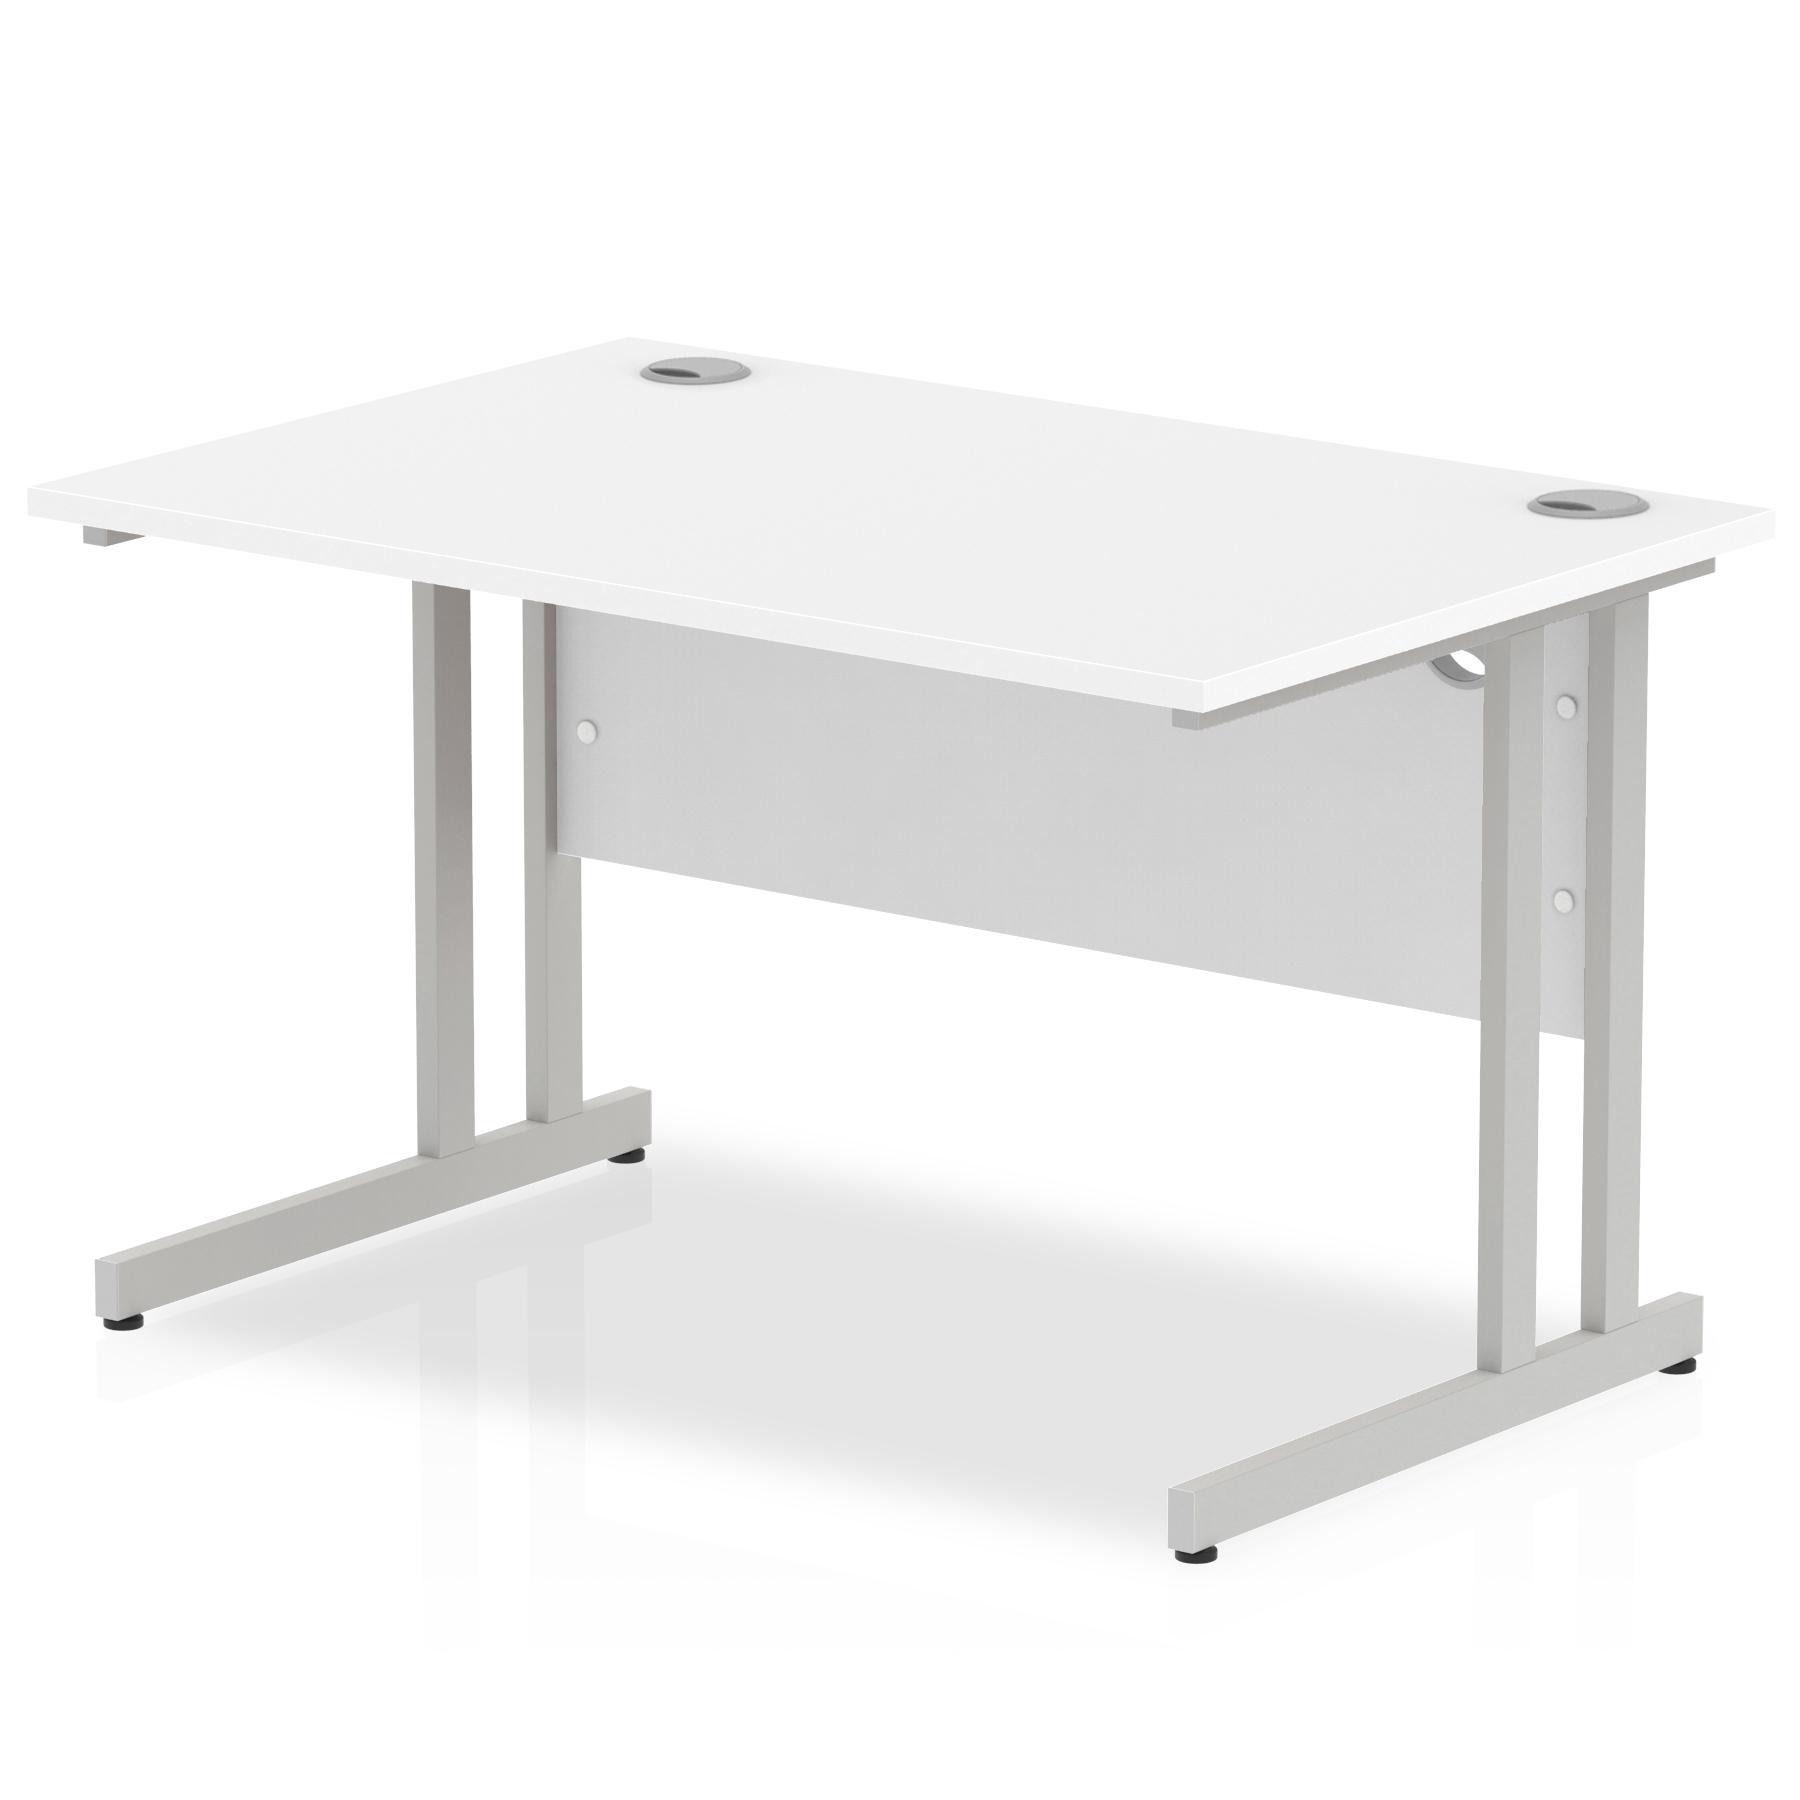 Rectangular Desks Impulse 1200 x 800mm Straight Desk White Top Silver Cantilever Leg I000305